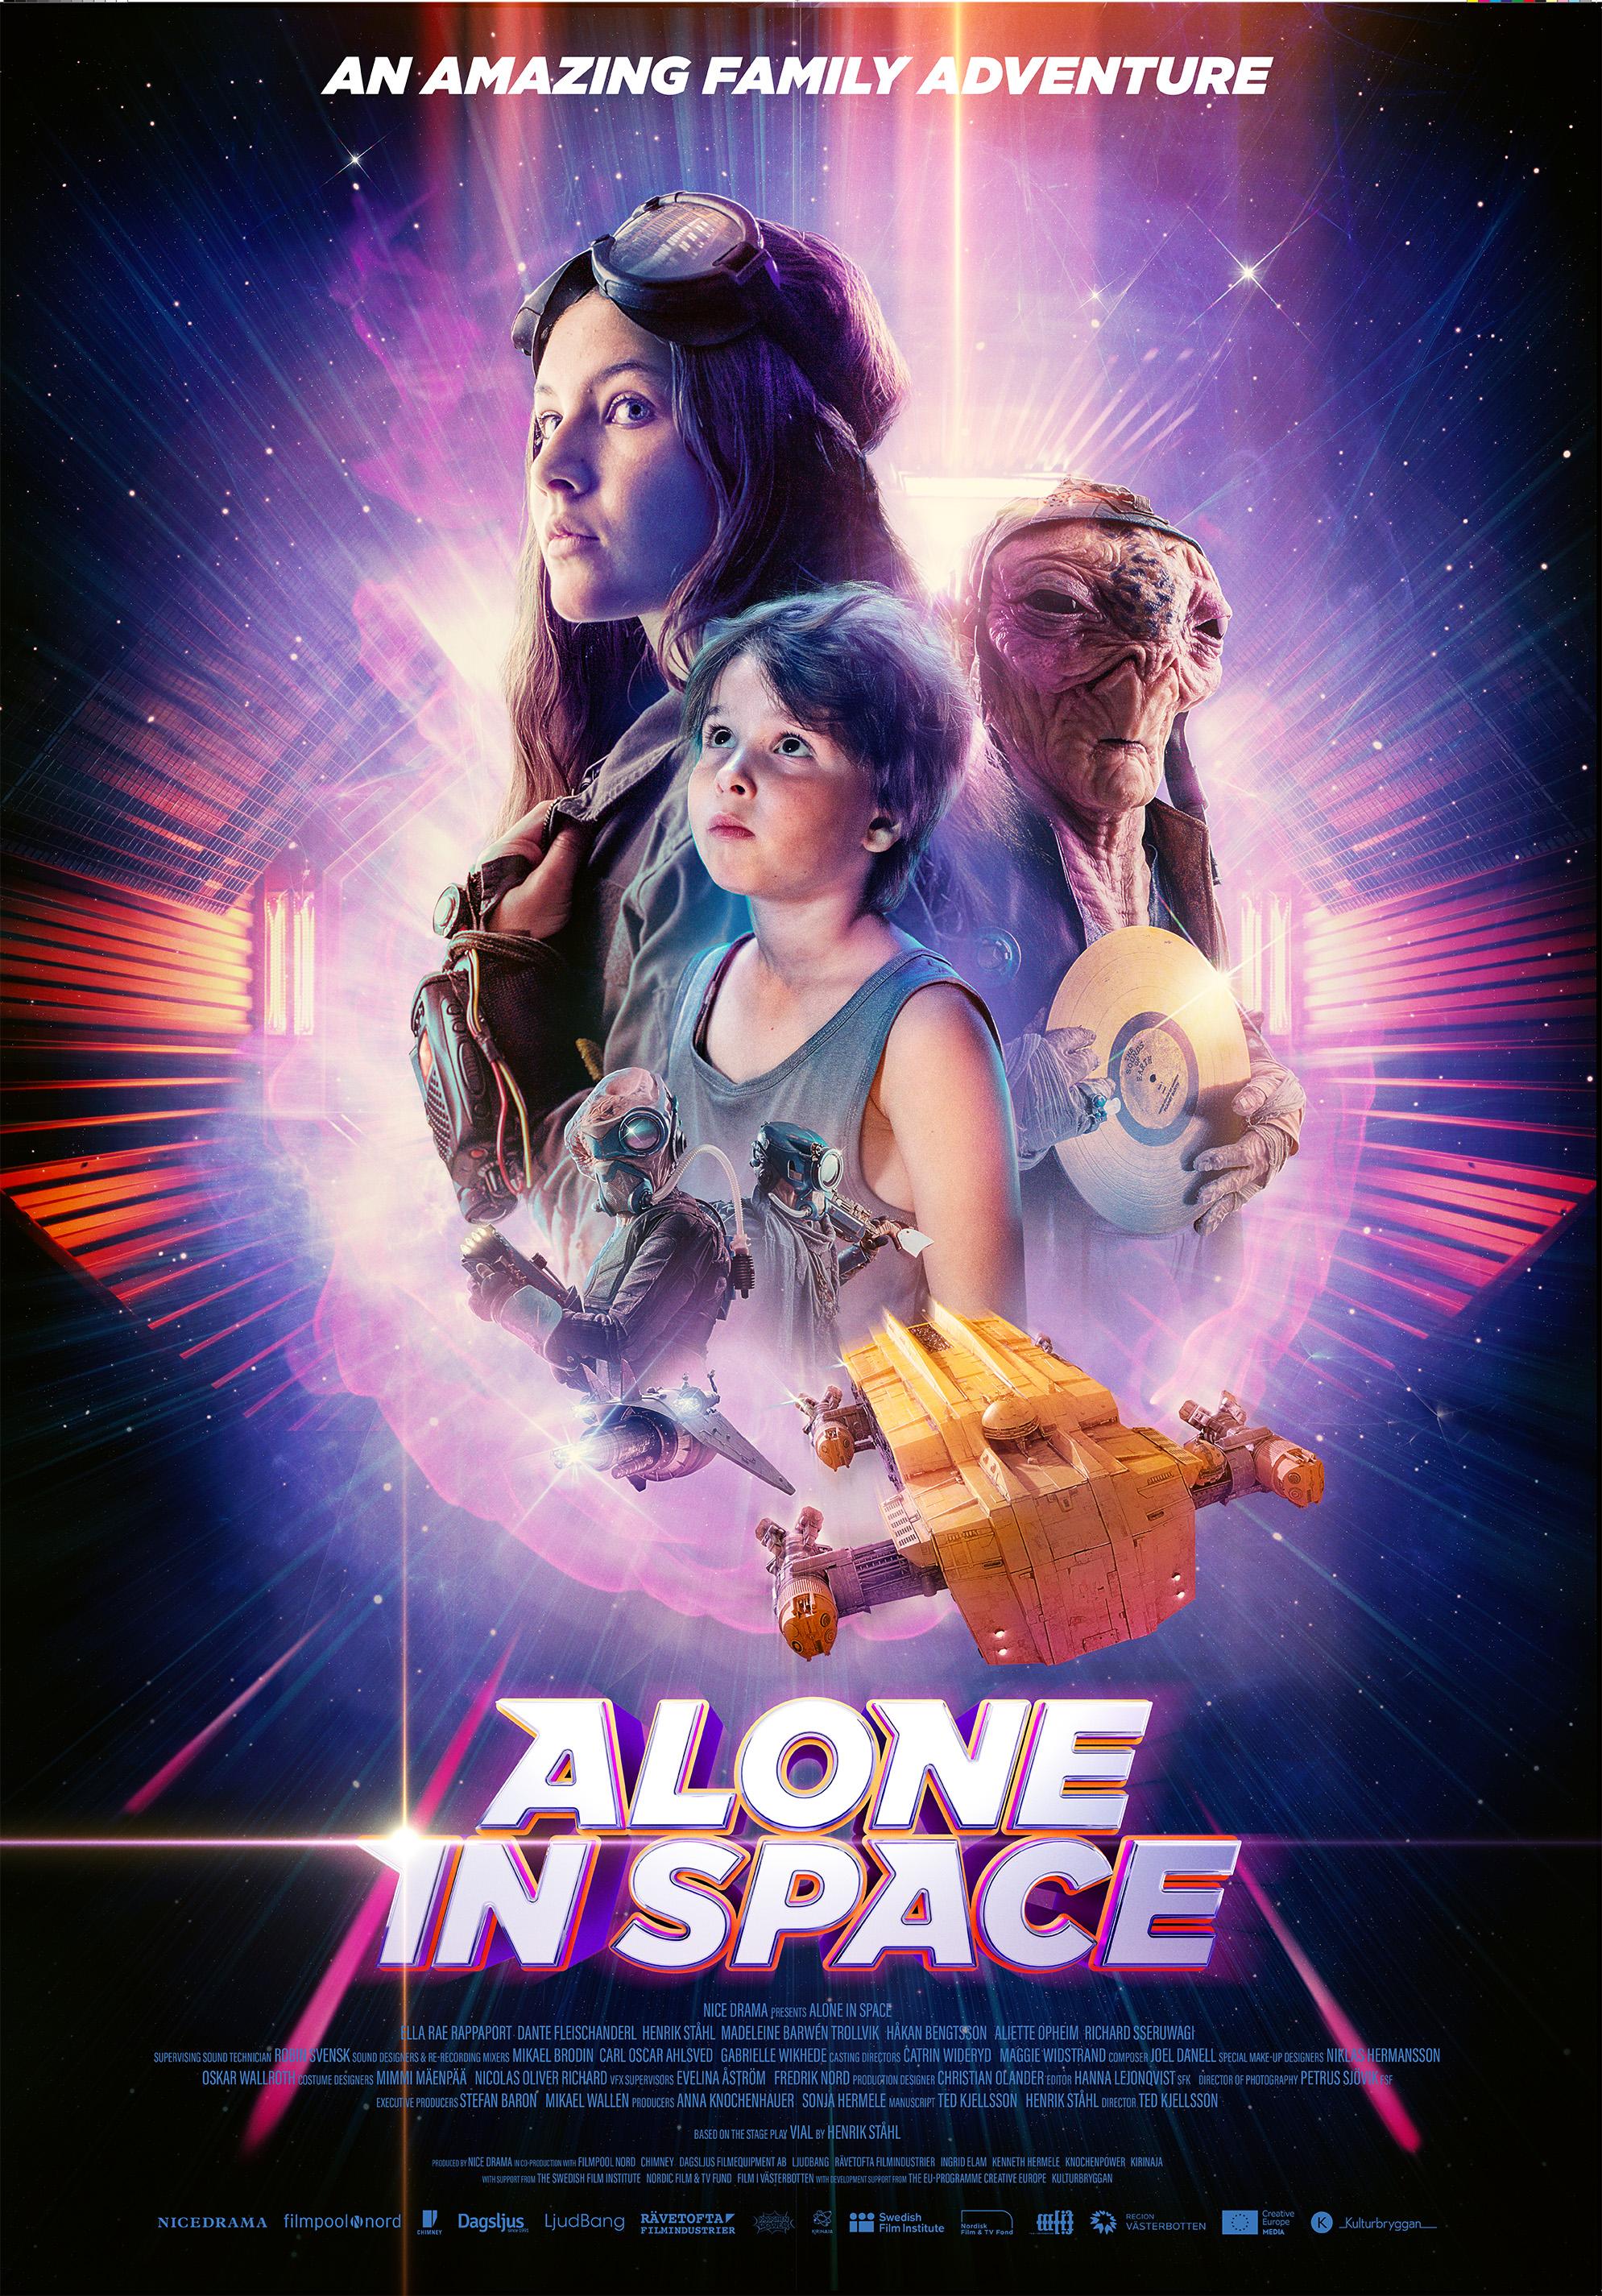 Ett av Micke Brodins favorituppdrag var  Ensamma i rymden  som SVT sände i september 2018. Vår första rymdfilm, konstaterar han nöjt! En sci-fi för vuxna – men som handlar om två barn i rymden och en rymdvarelse.